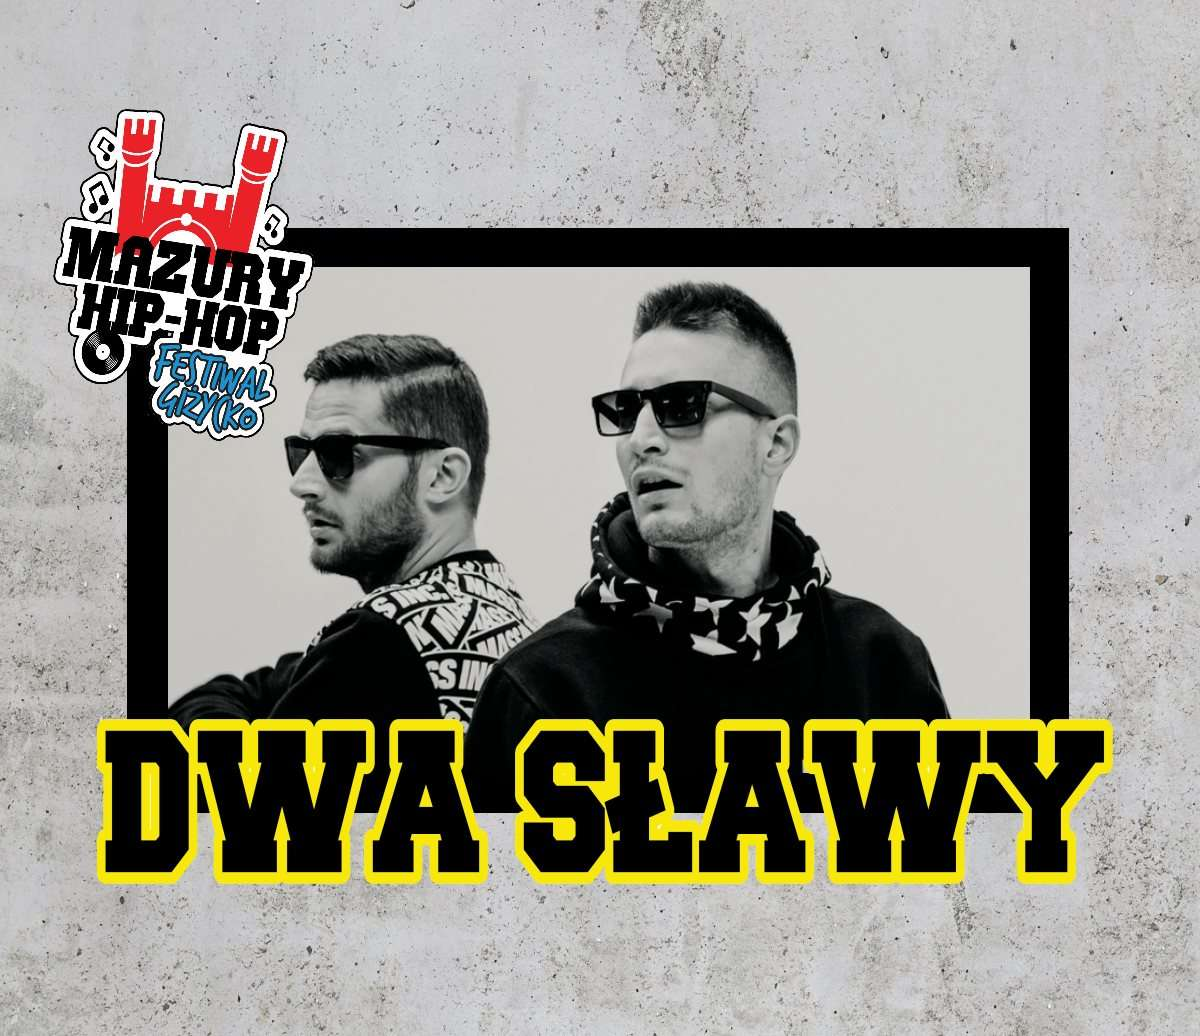 Dwa Sławy dołączają do line up'u Mazury Hip-Hop Festiwal Giżycko 2017! - full image